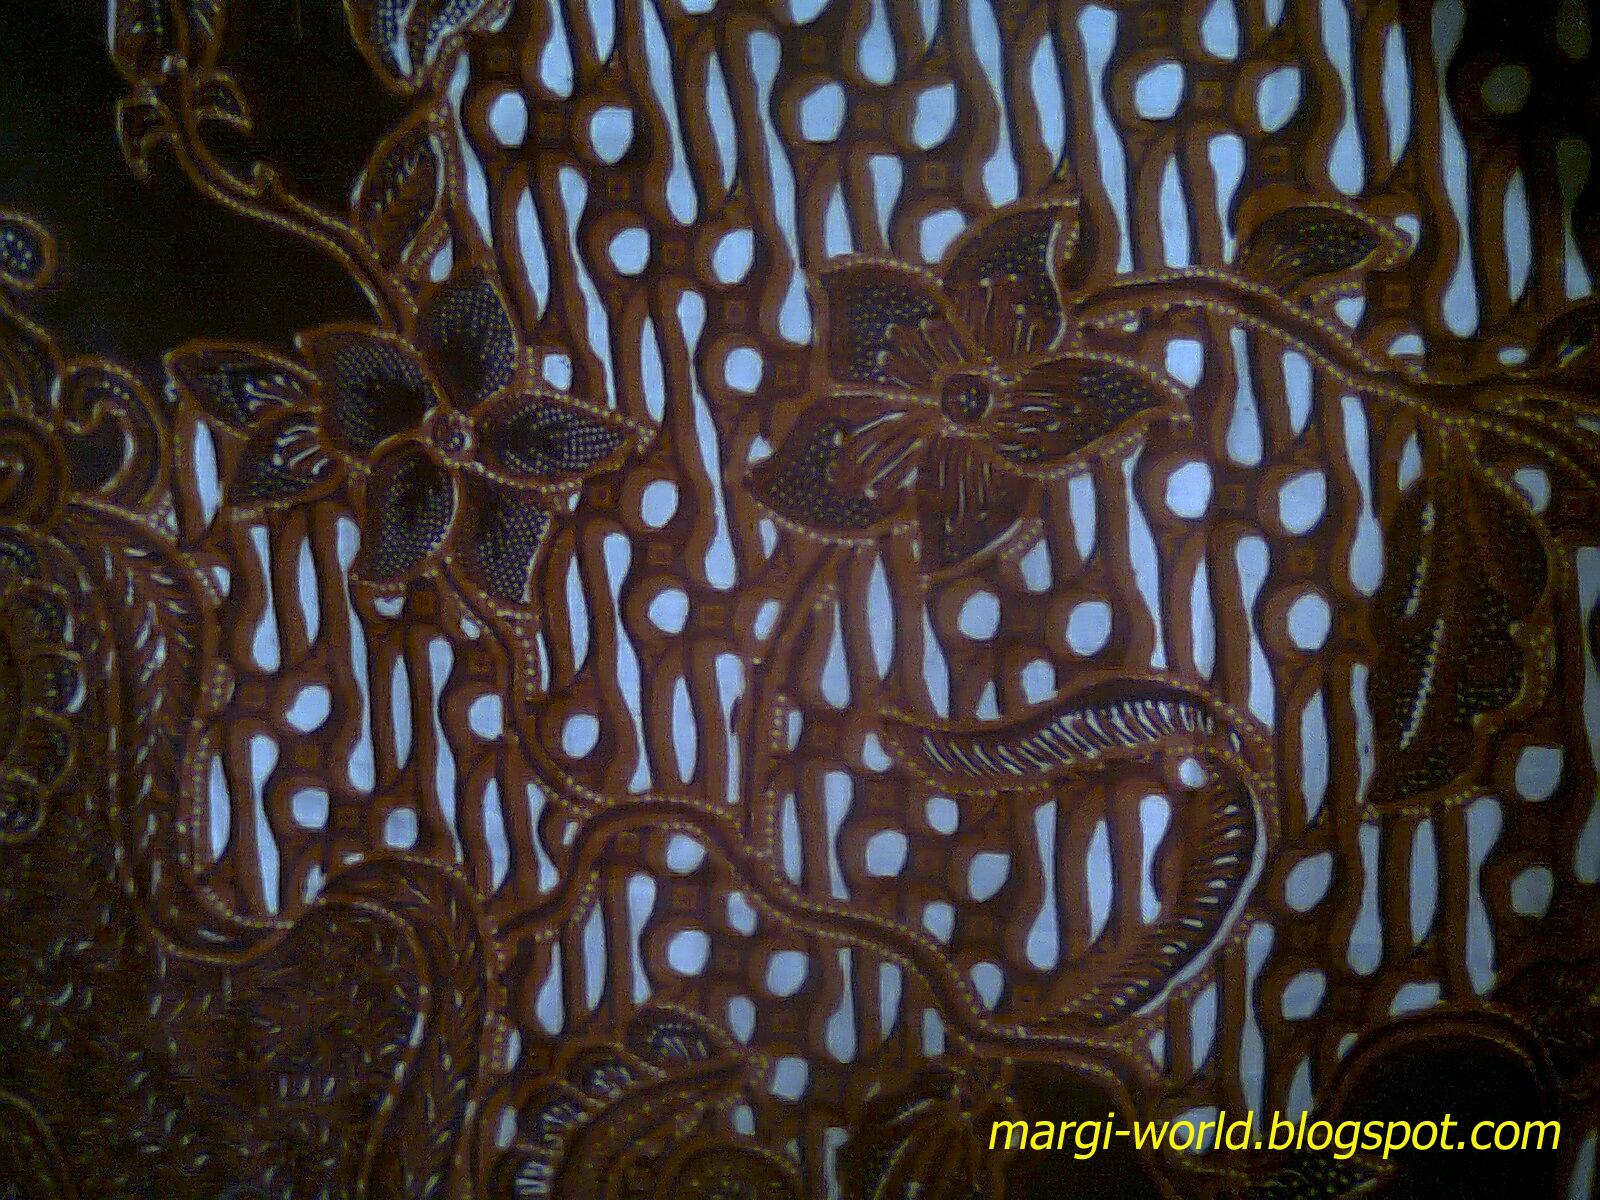 Contoh sebuah Desain Batik Modifikasi